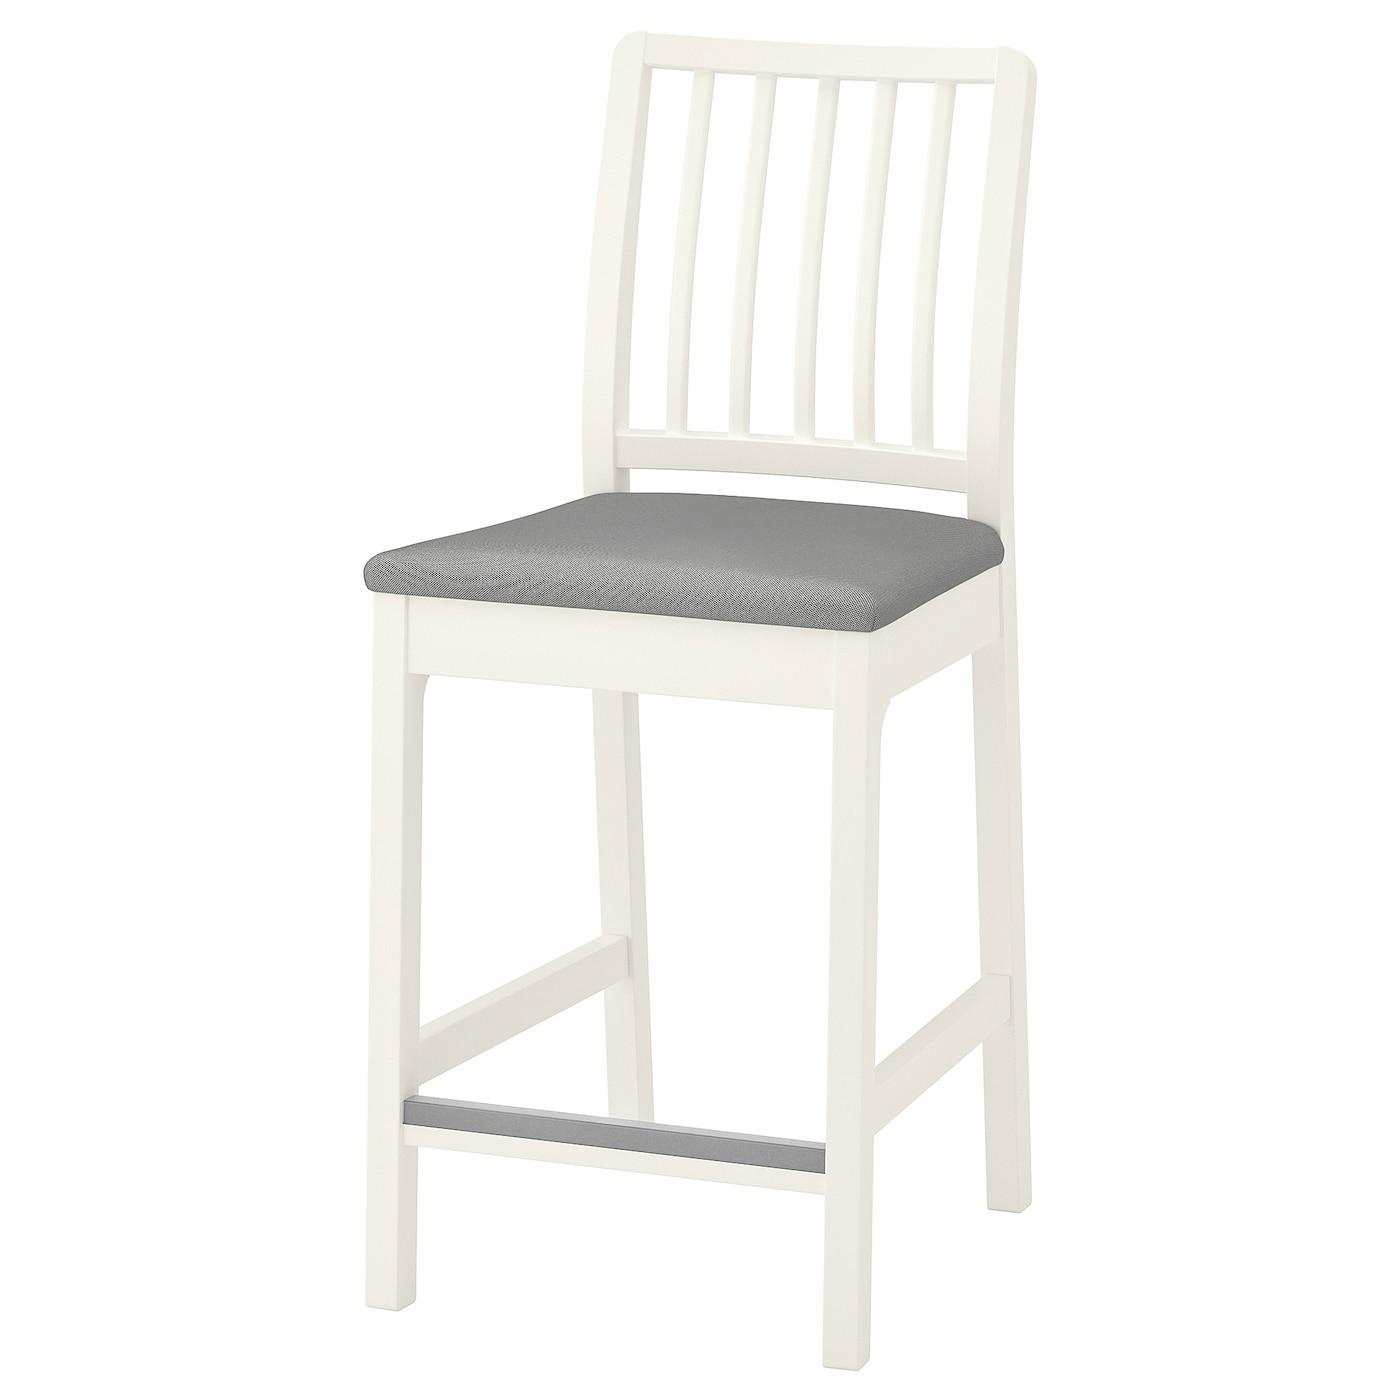 EKEDALEN Bar stool with backrest   white/Orrsta light grey 9 cm